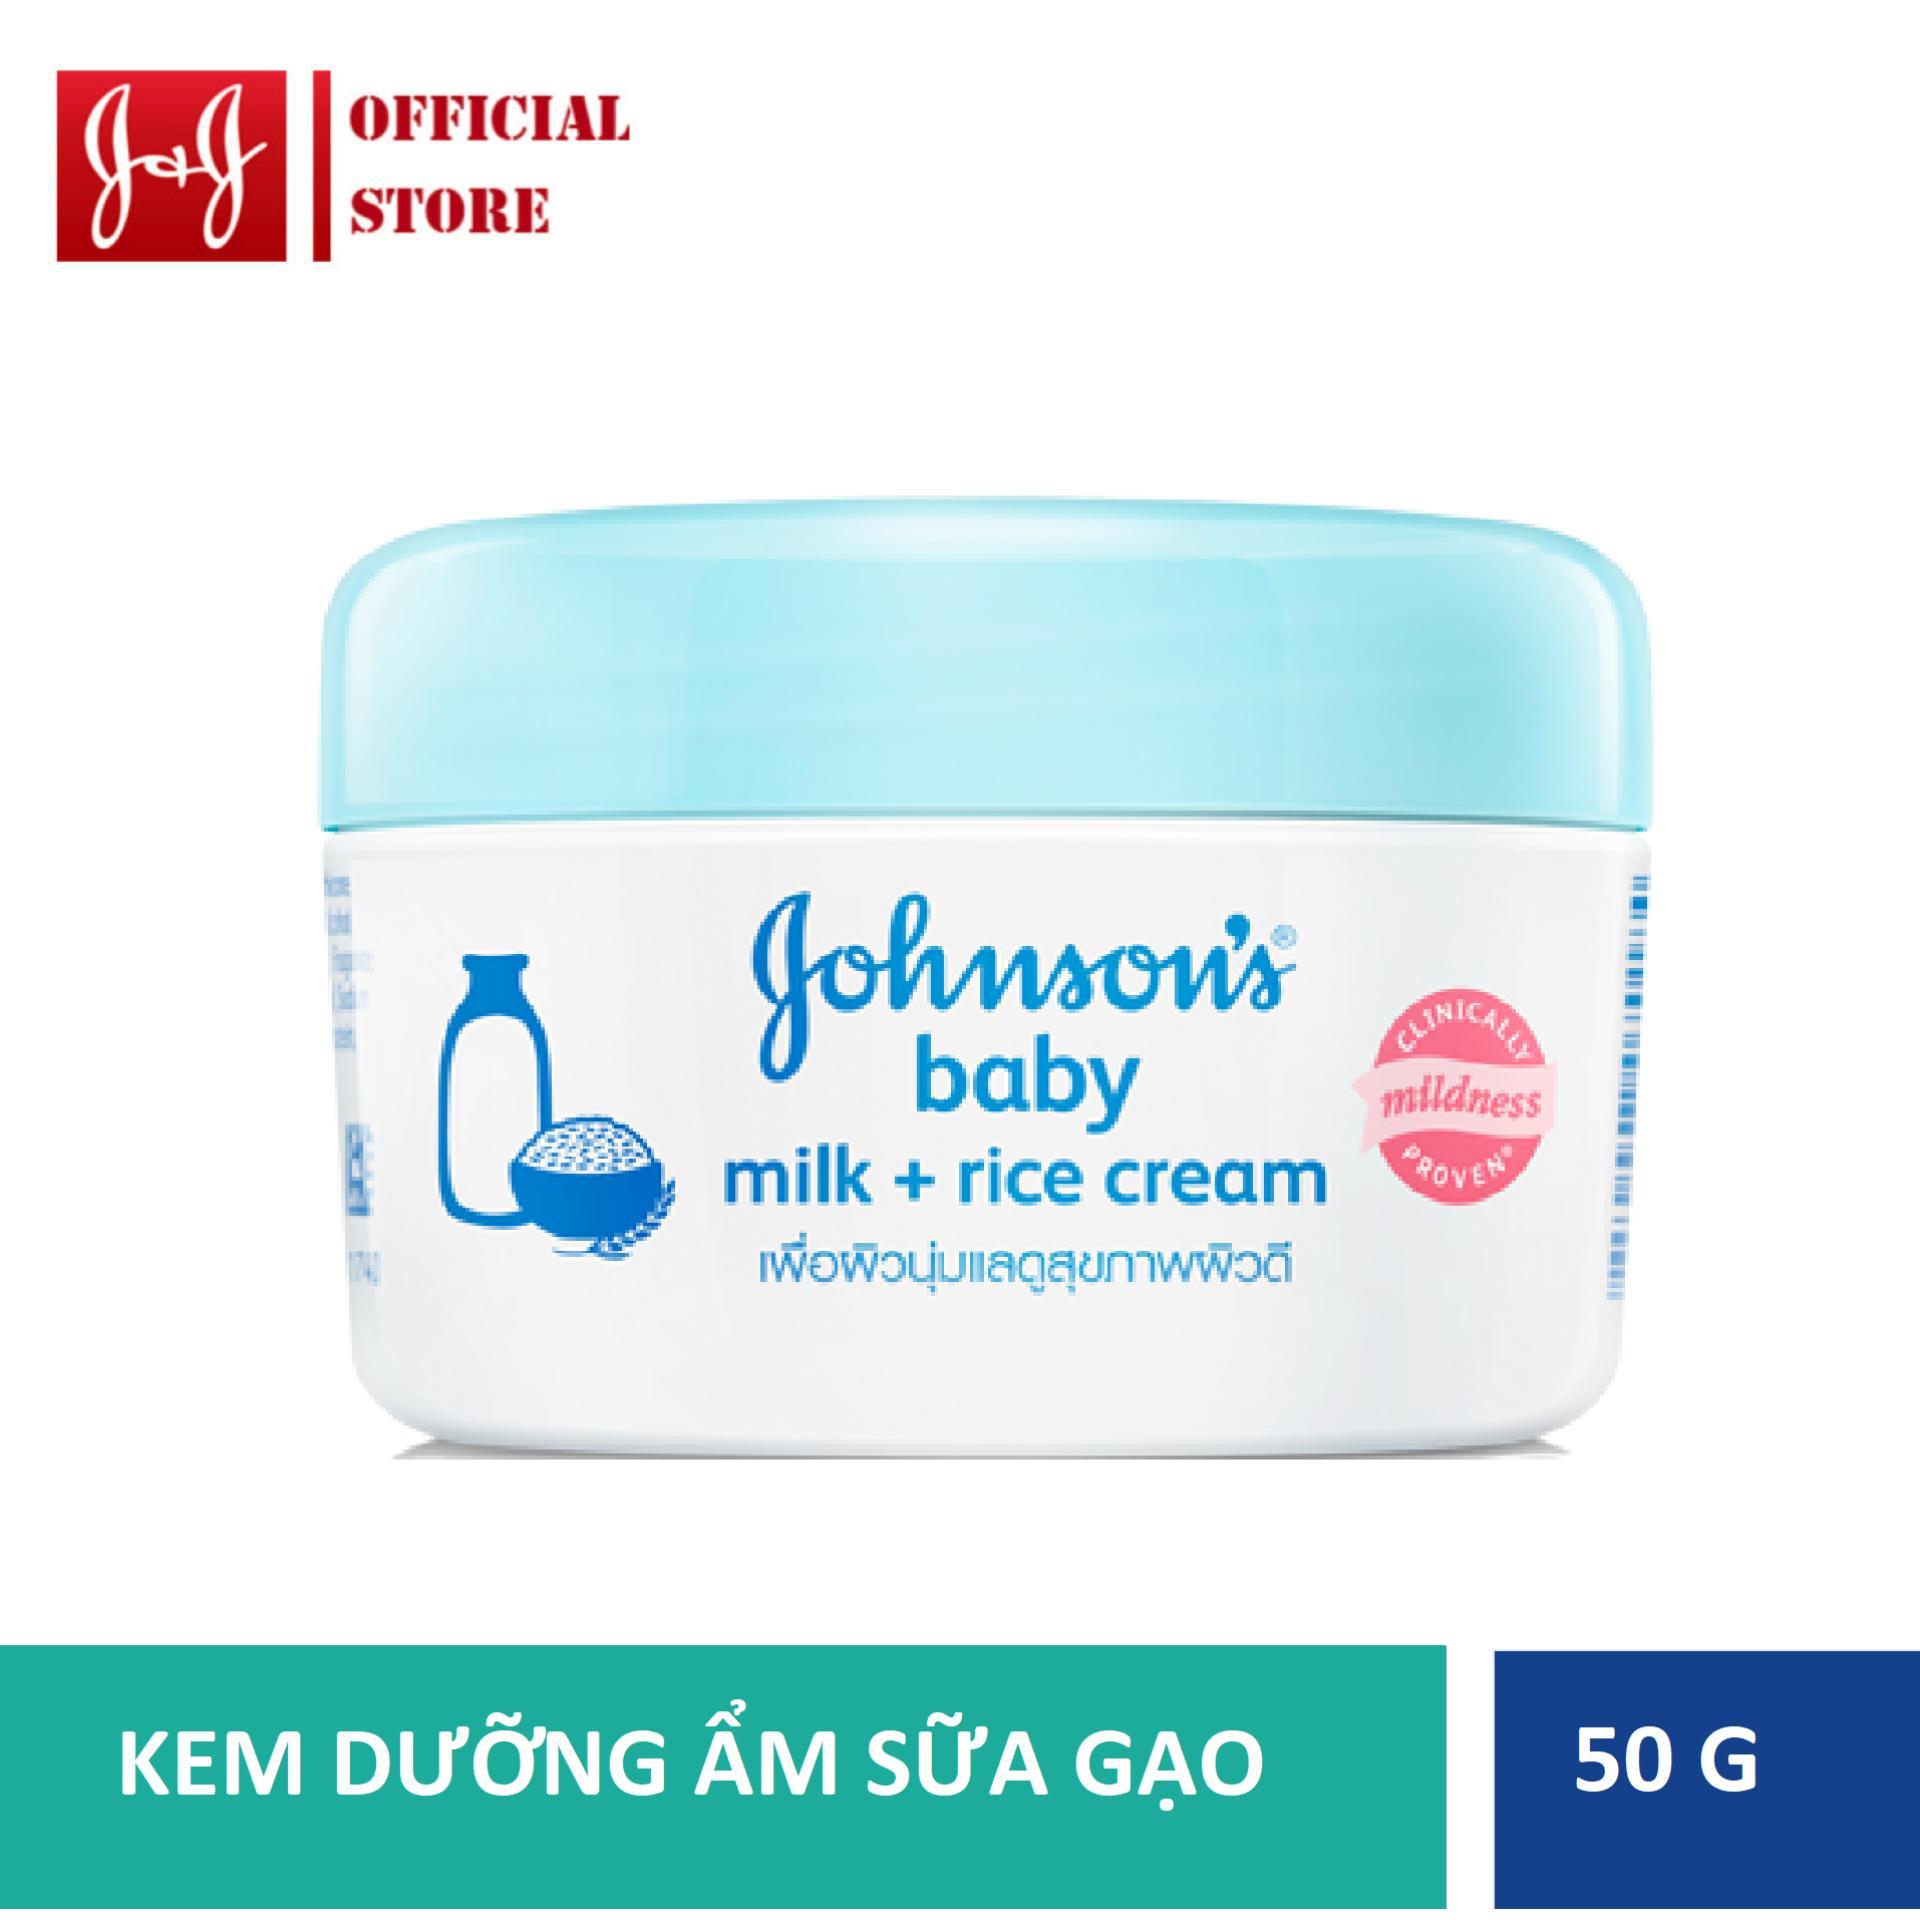 Kem Dưỡng Da Chứa Sữa & Gạo Johnson's Baby 50g Có Giá Siêu Tốt